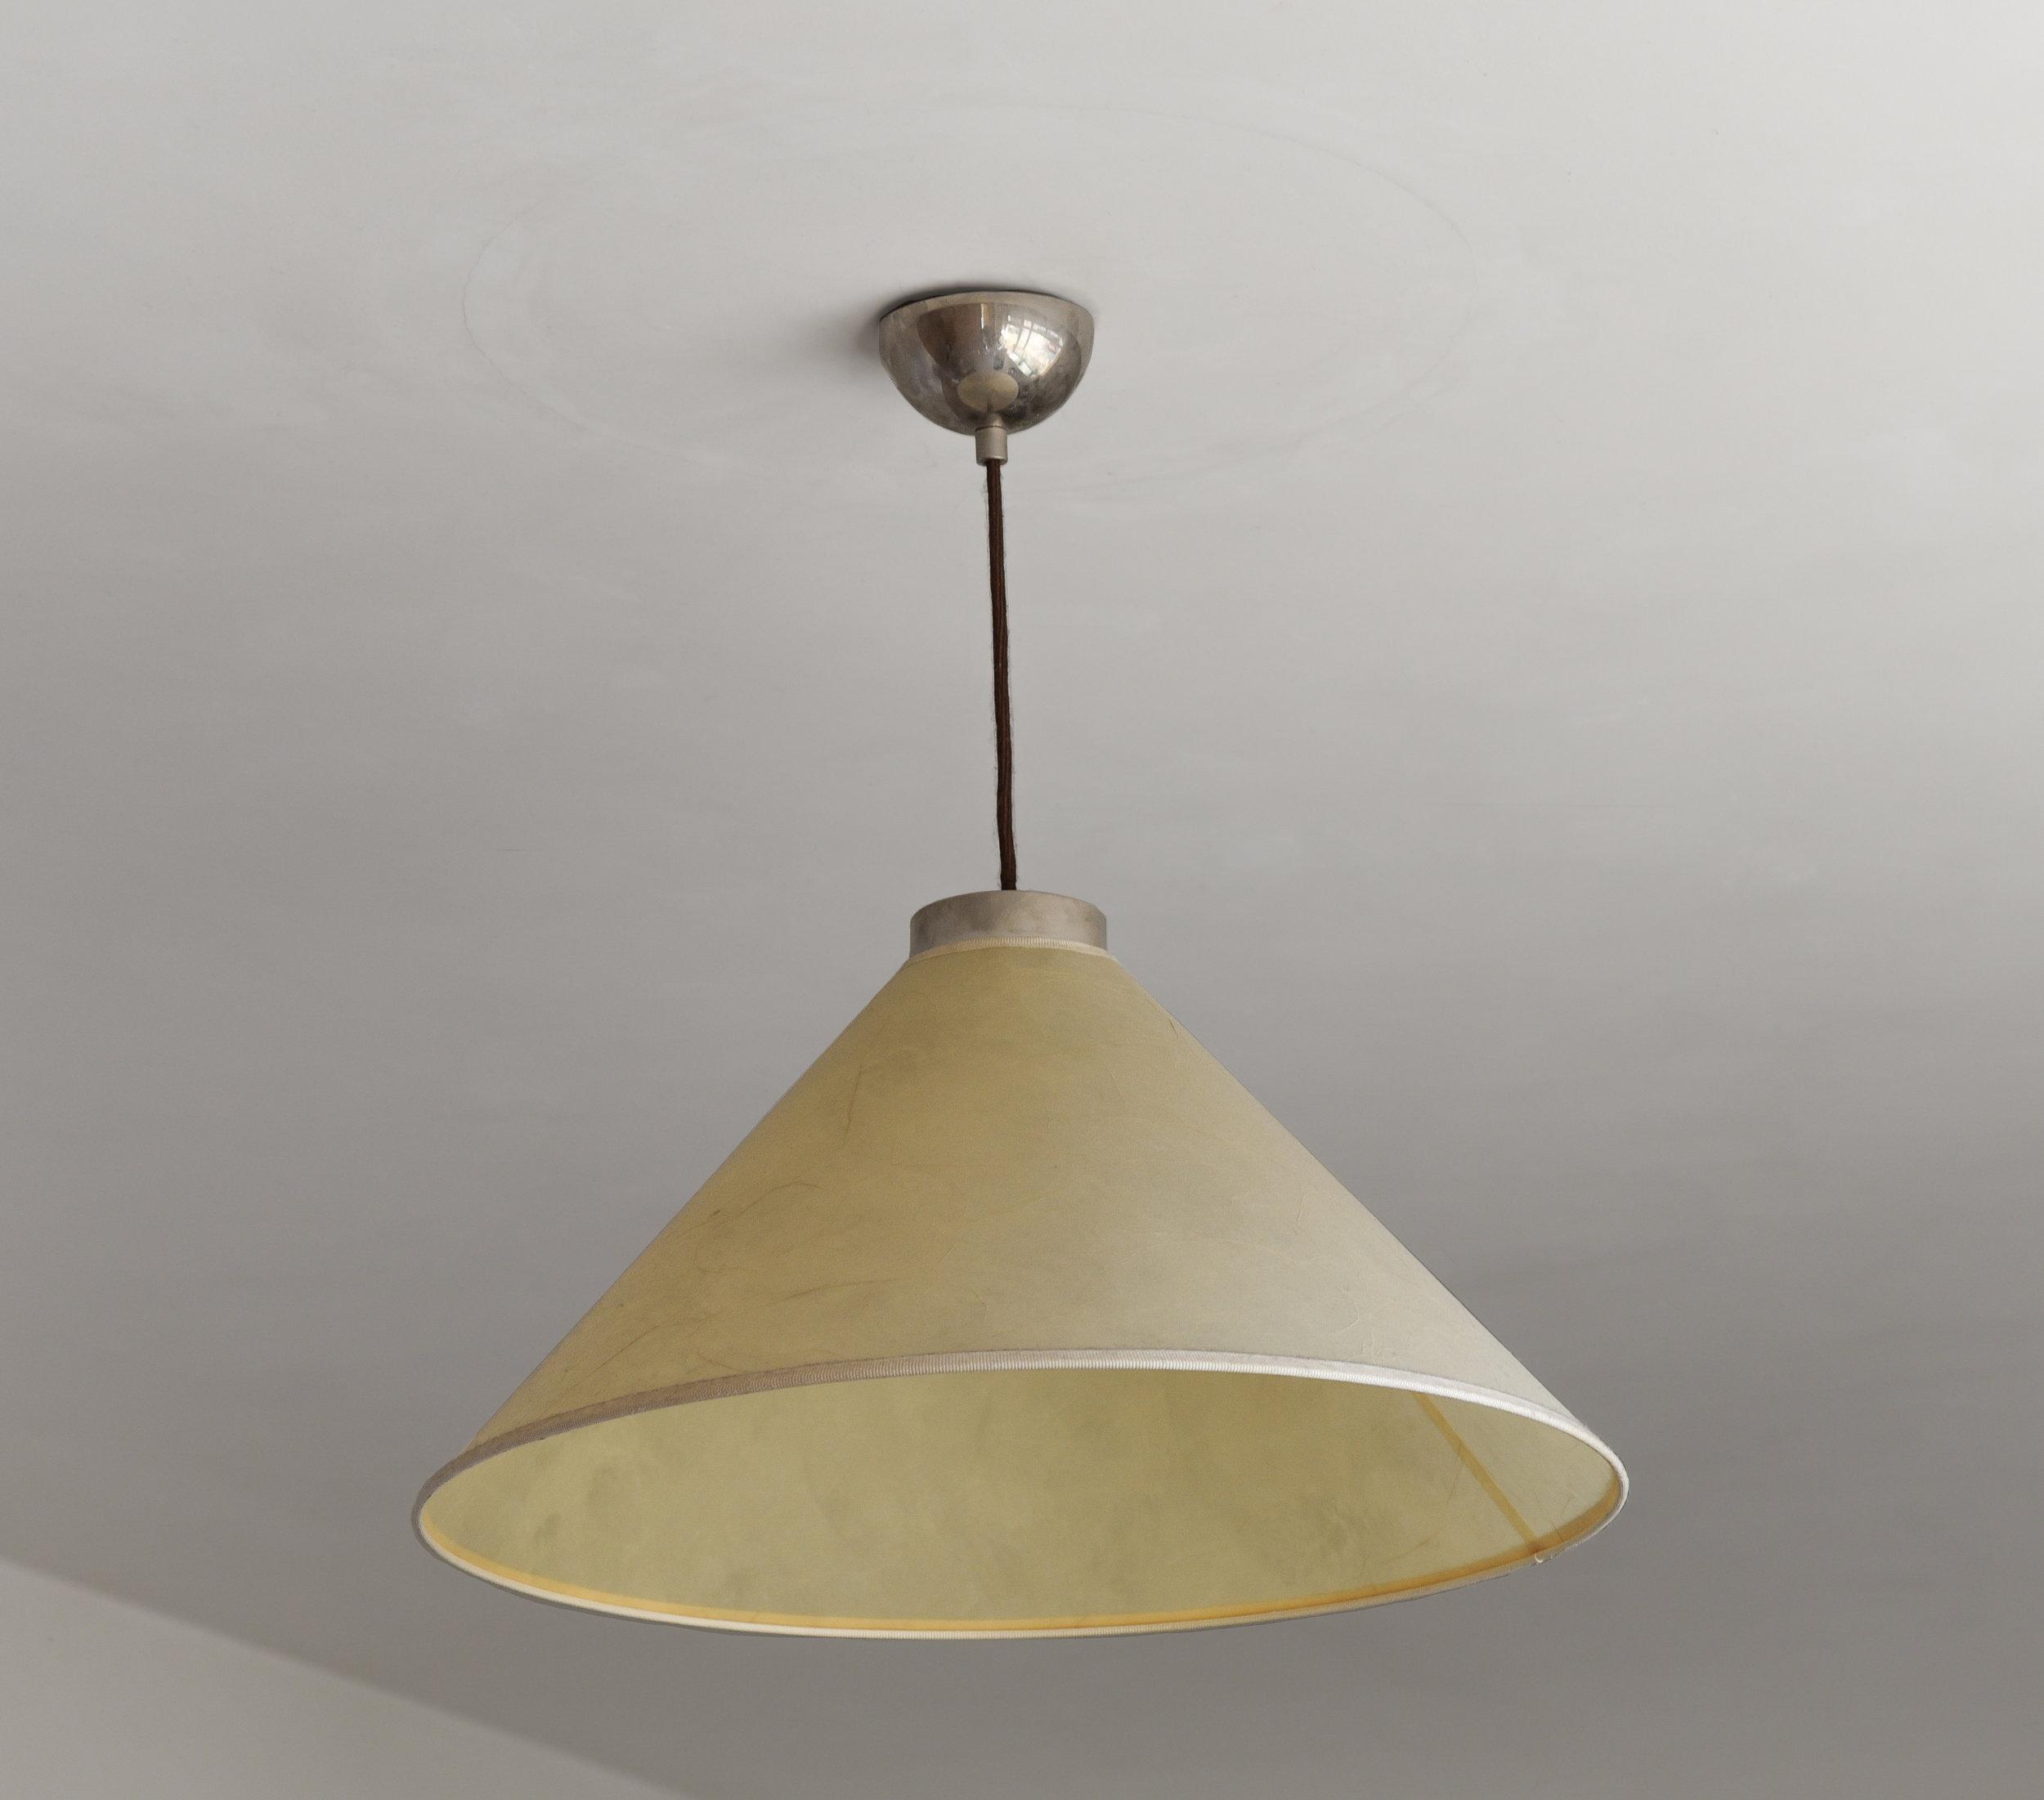 SINGULAR LAMP, DAUGHTER'S ROOM